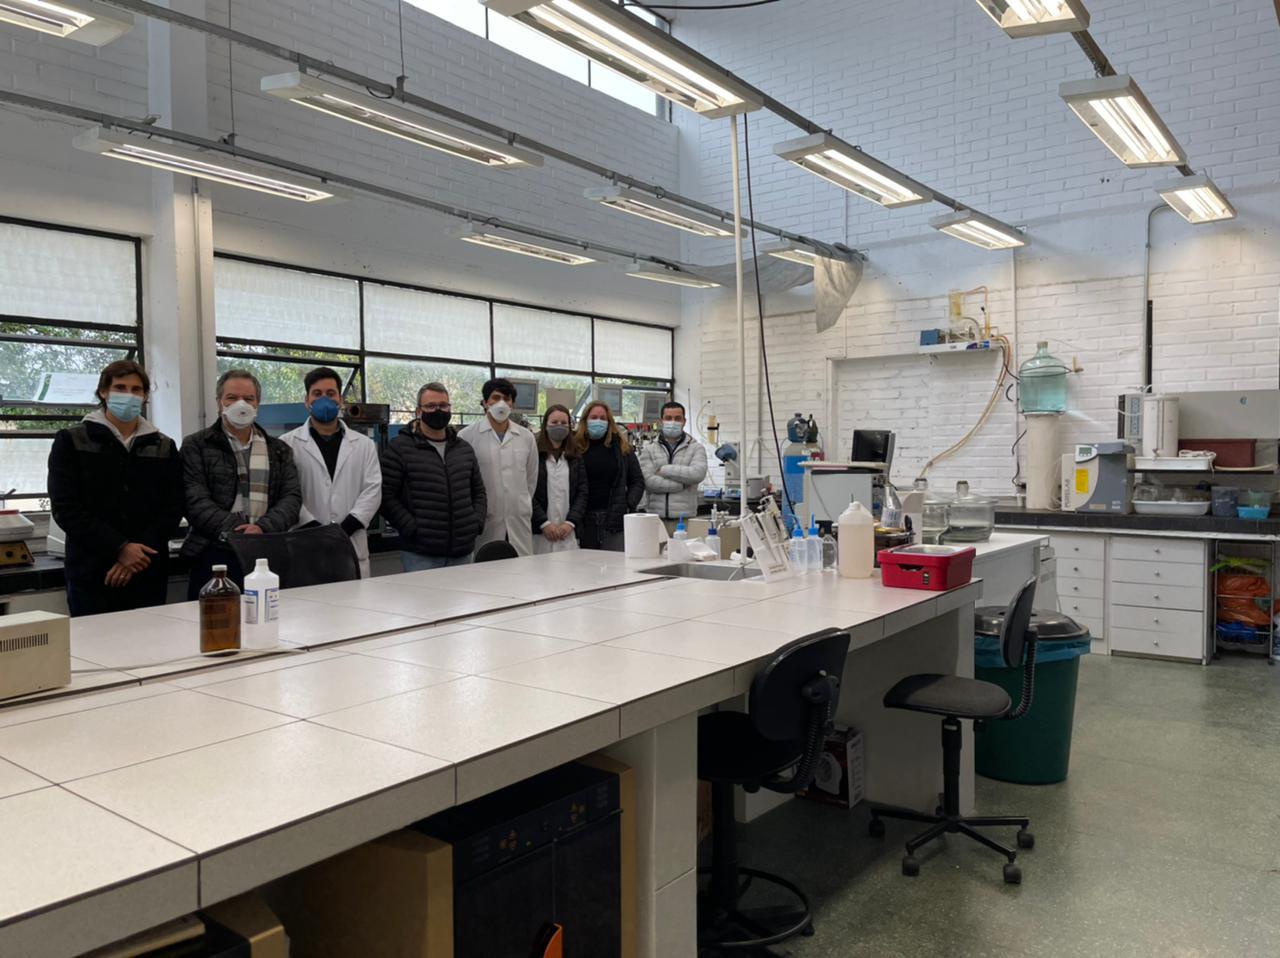 Equipe que está desenvolvendo o projeto inclui pesquisadores do mestrado, doutorado e pós-doutorado da UFPR.